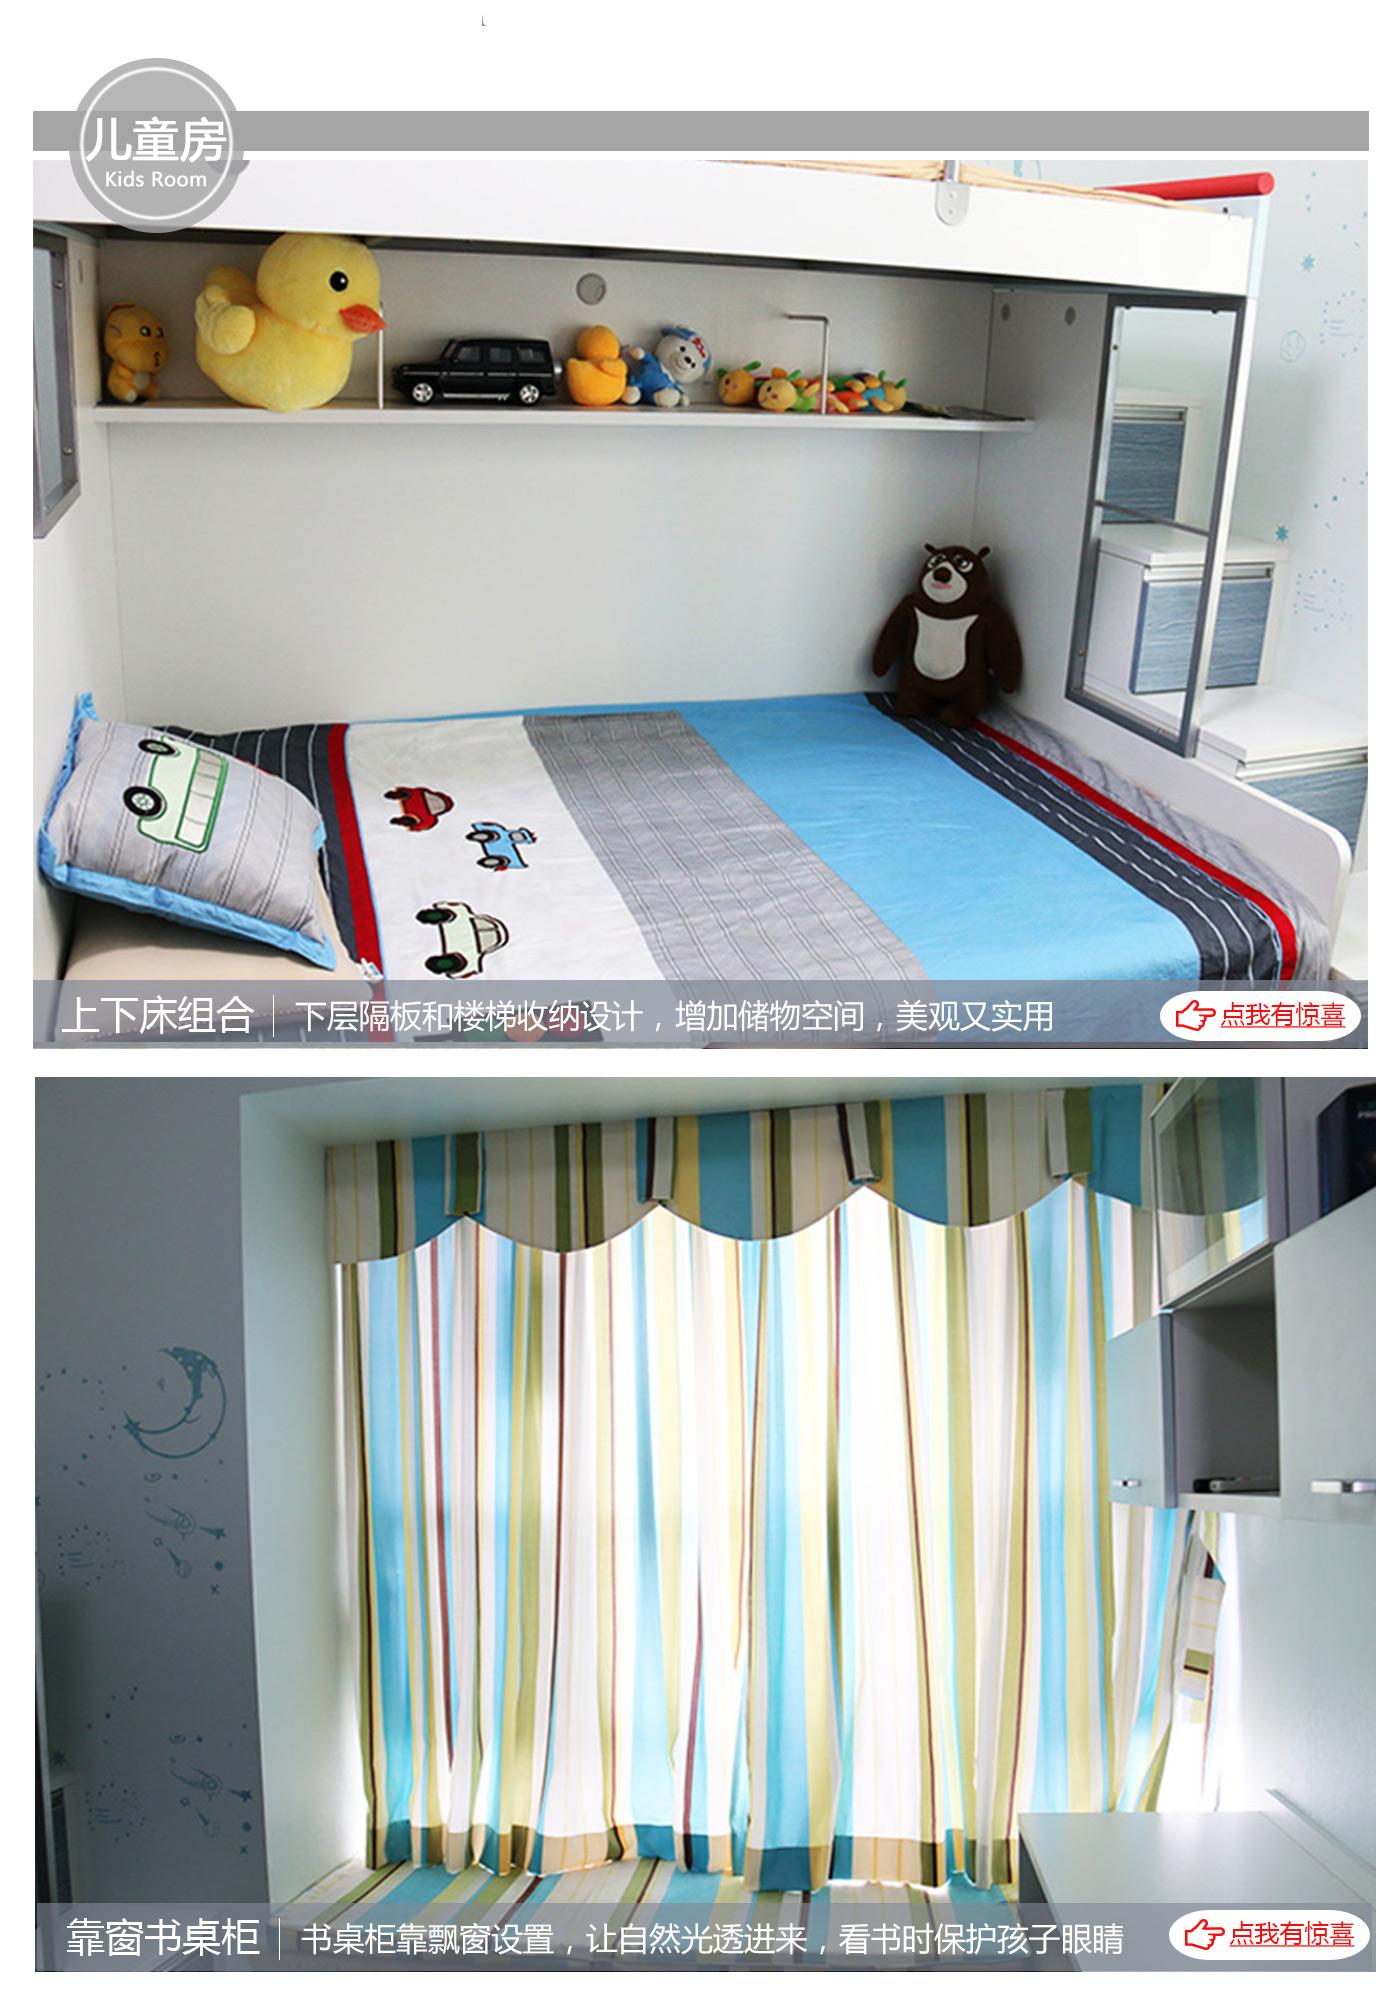 【全屋实拍案例】84�O暖色系 塑造温馨有爱的家